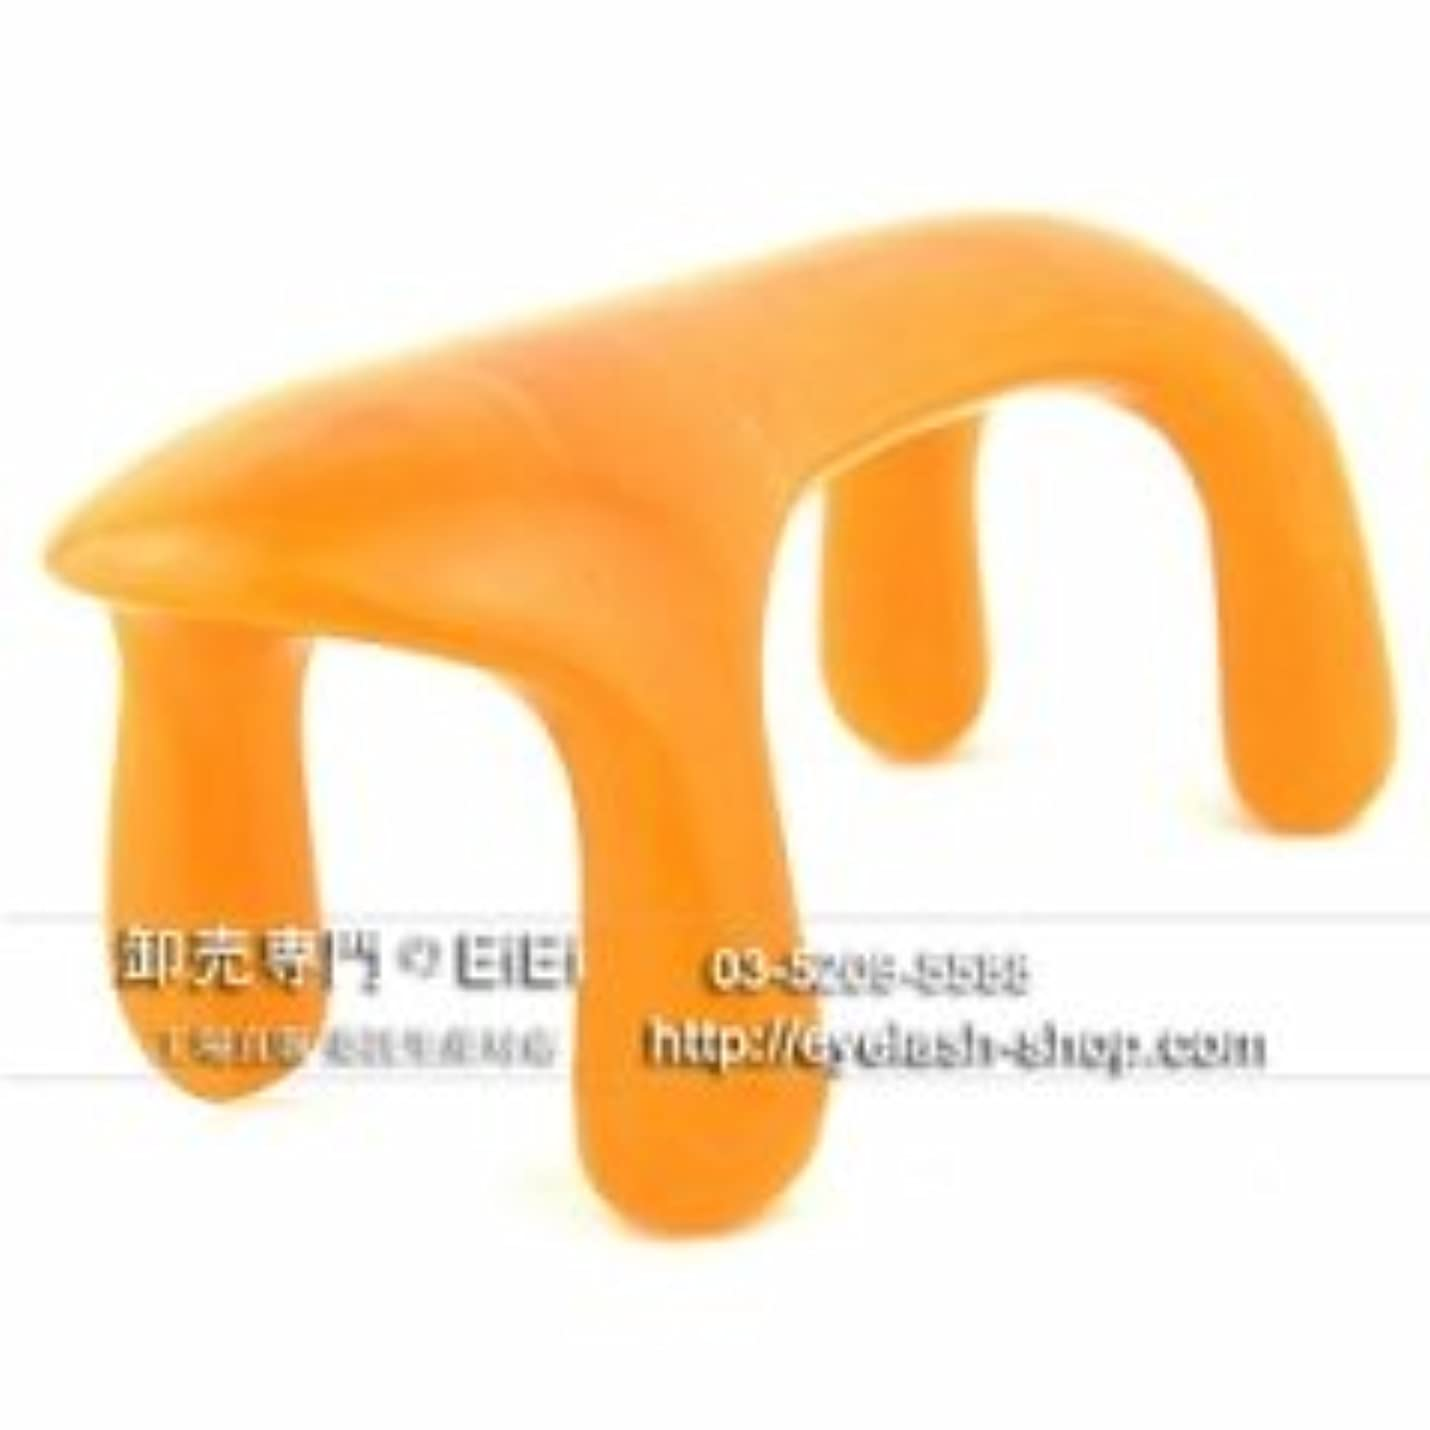 ローラーいとこ積分かっさ板 蜜蝋かっさプレート 美容マッサージかっさ板 グアシャ板 C-08